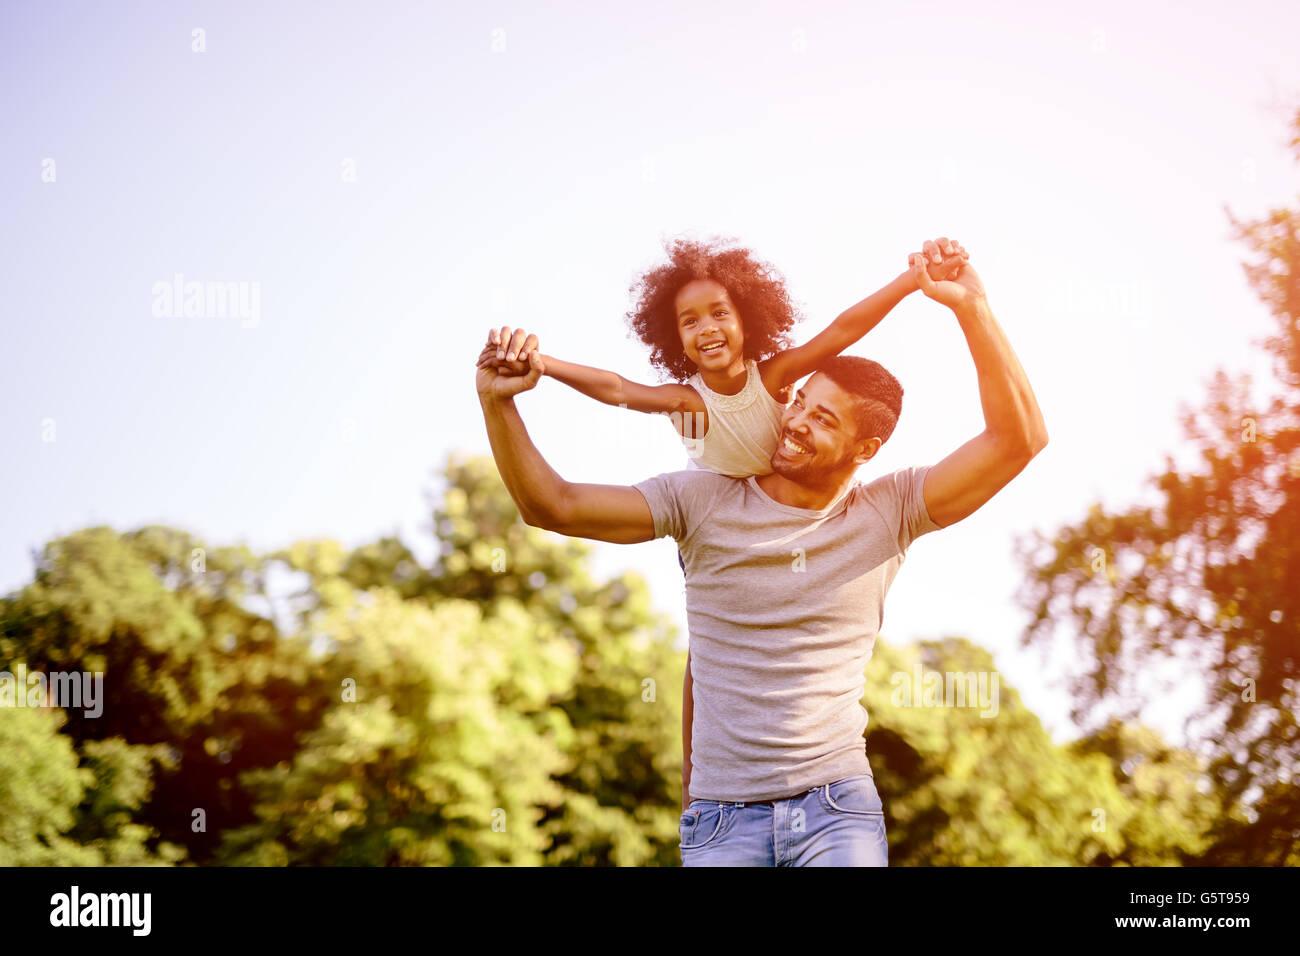 Kind auf Vaters Schultern während Huckepack statt fliegen Stockbild